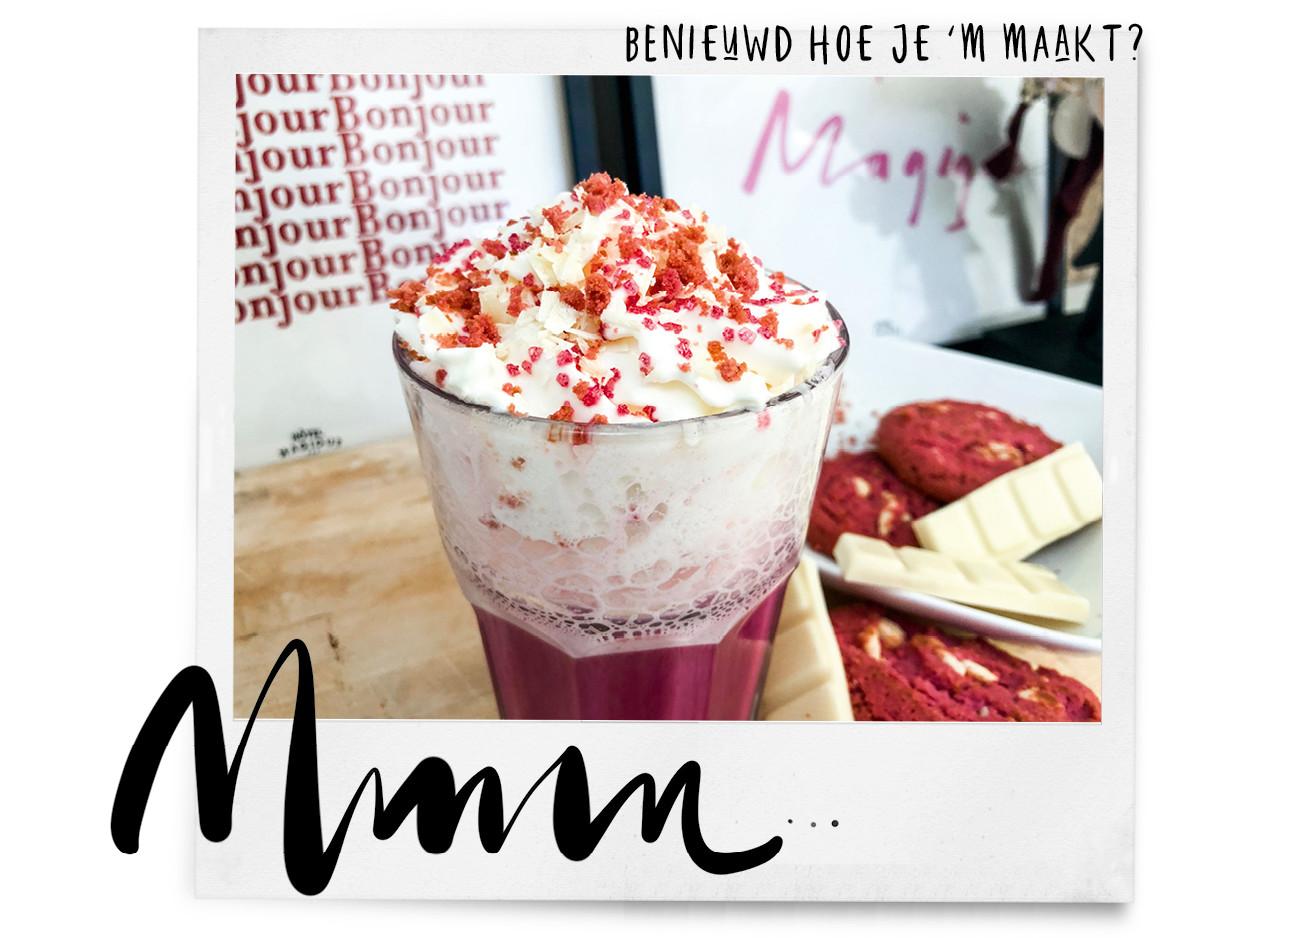 een foto van een mok met red velvet latte een rood gekleurde drank